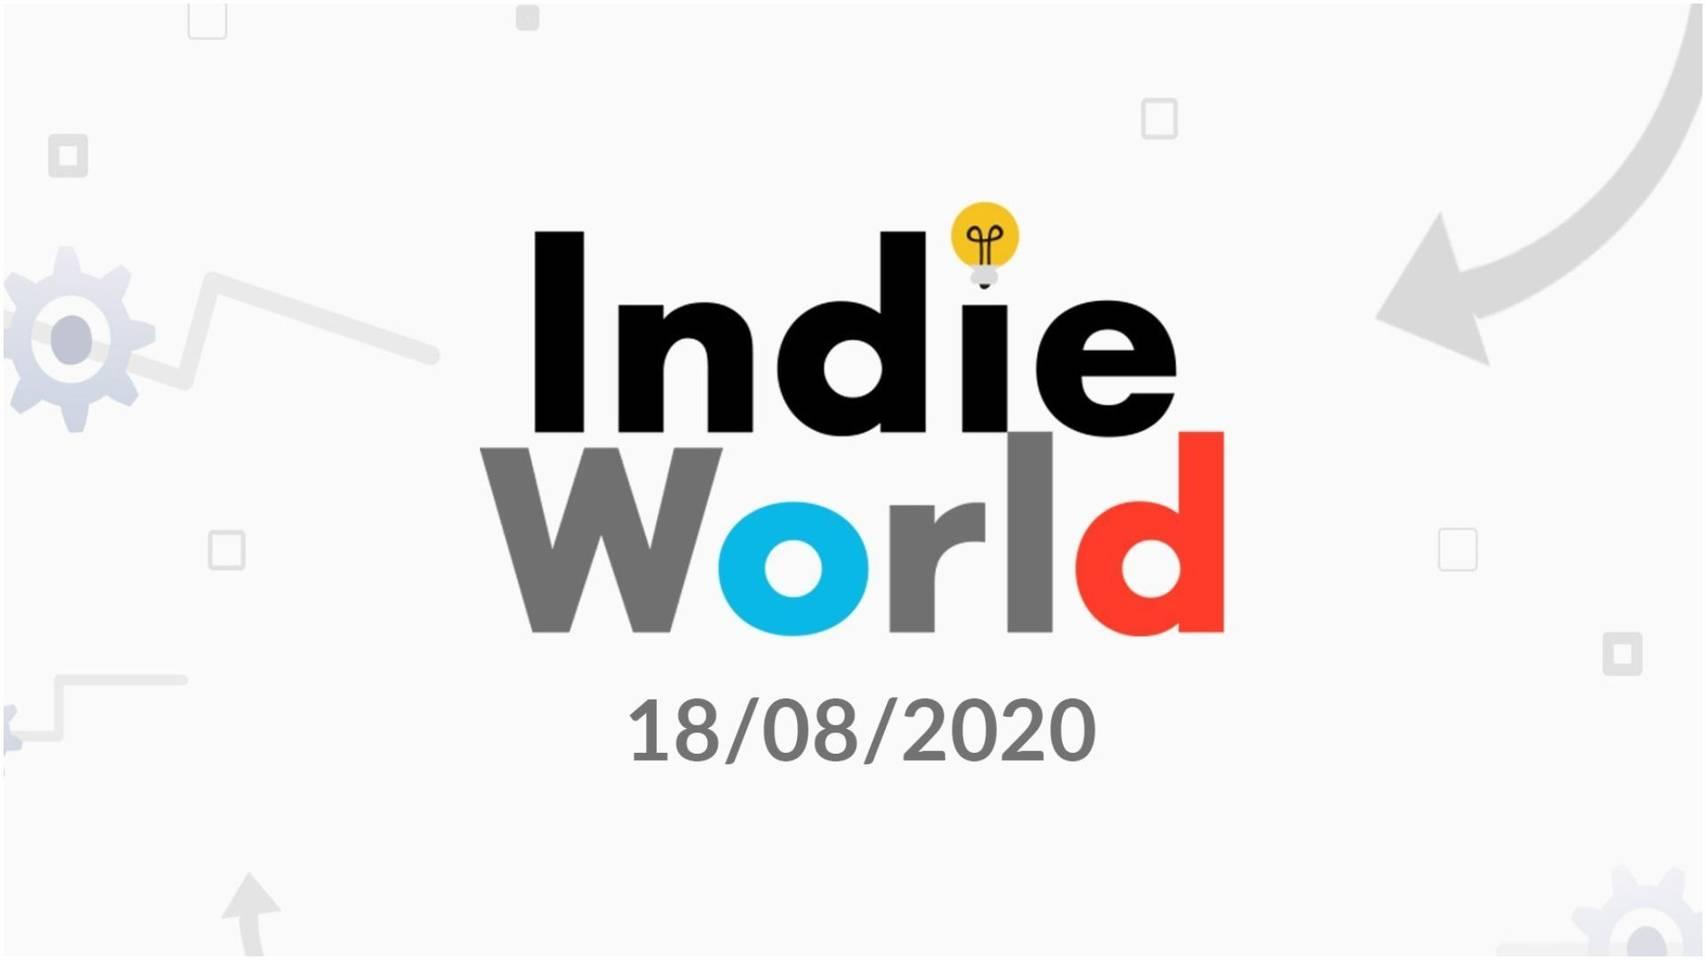 Nintendo anunció un nuevo Indie World repleto de novedades para la Switch